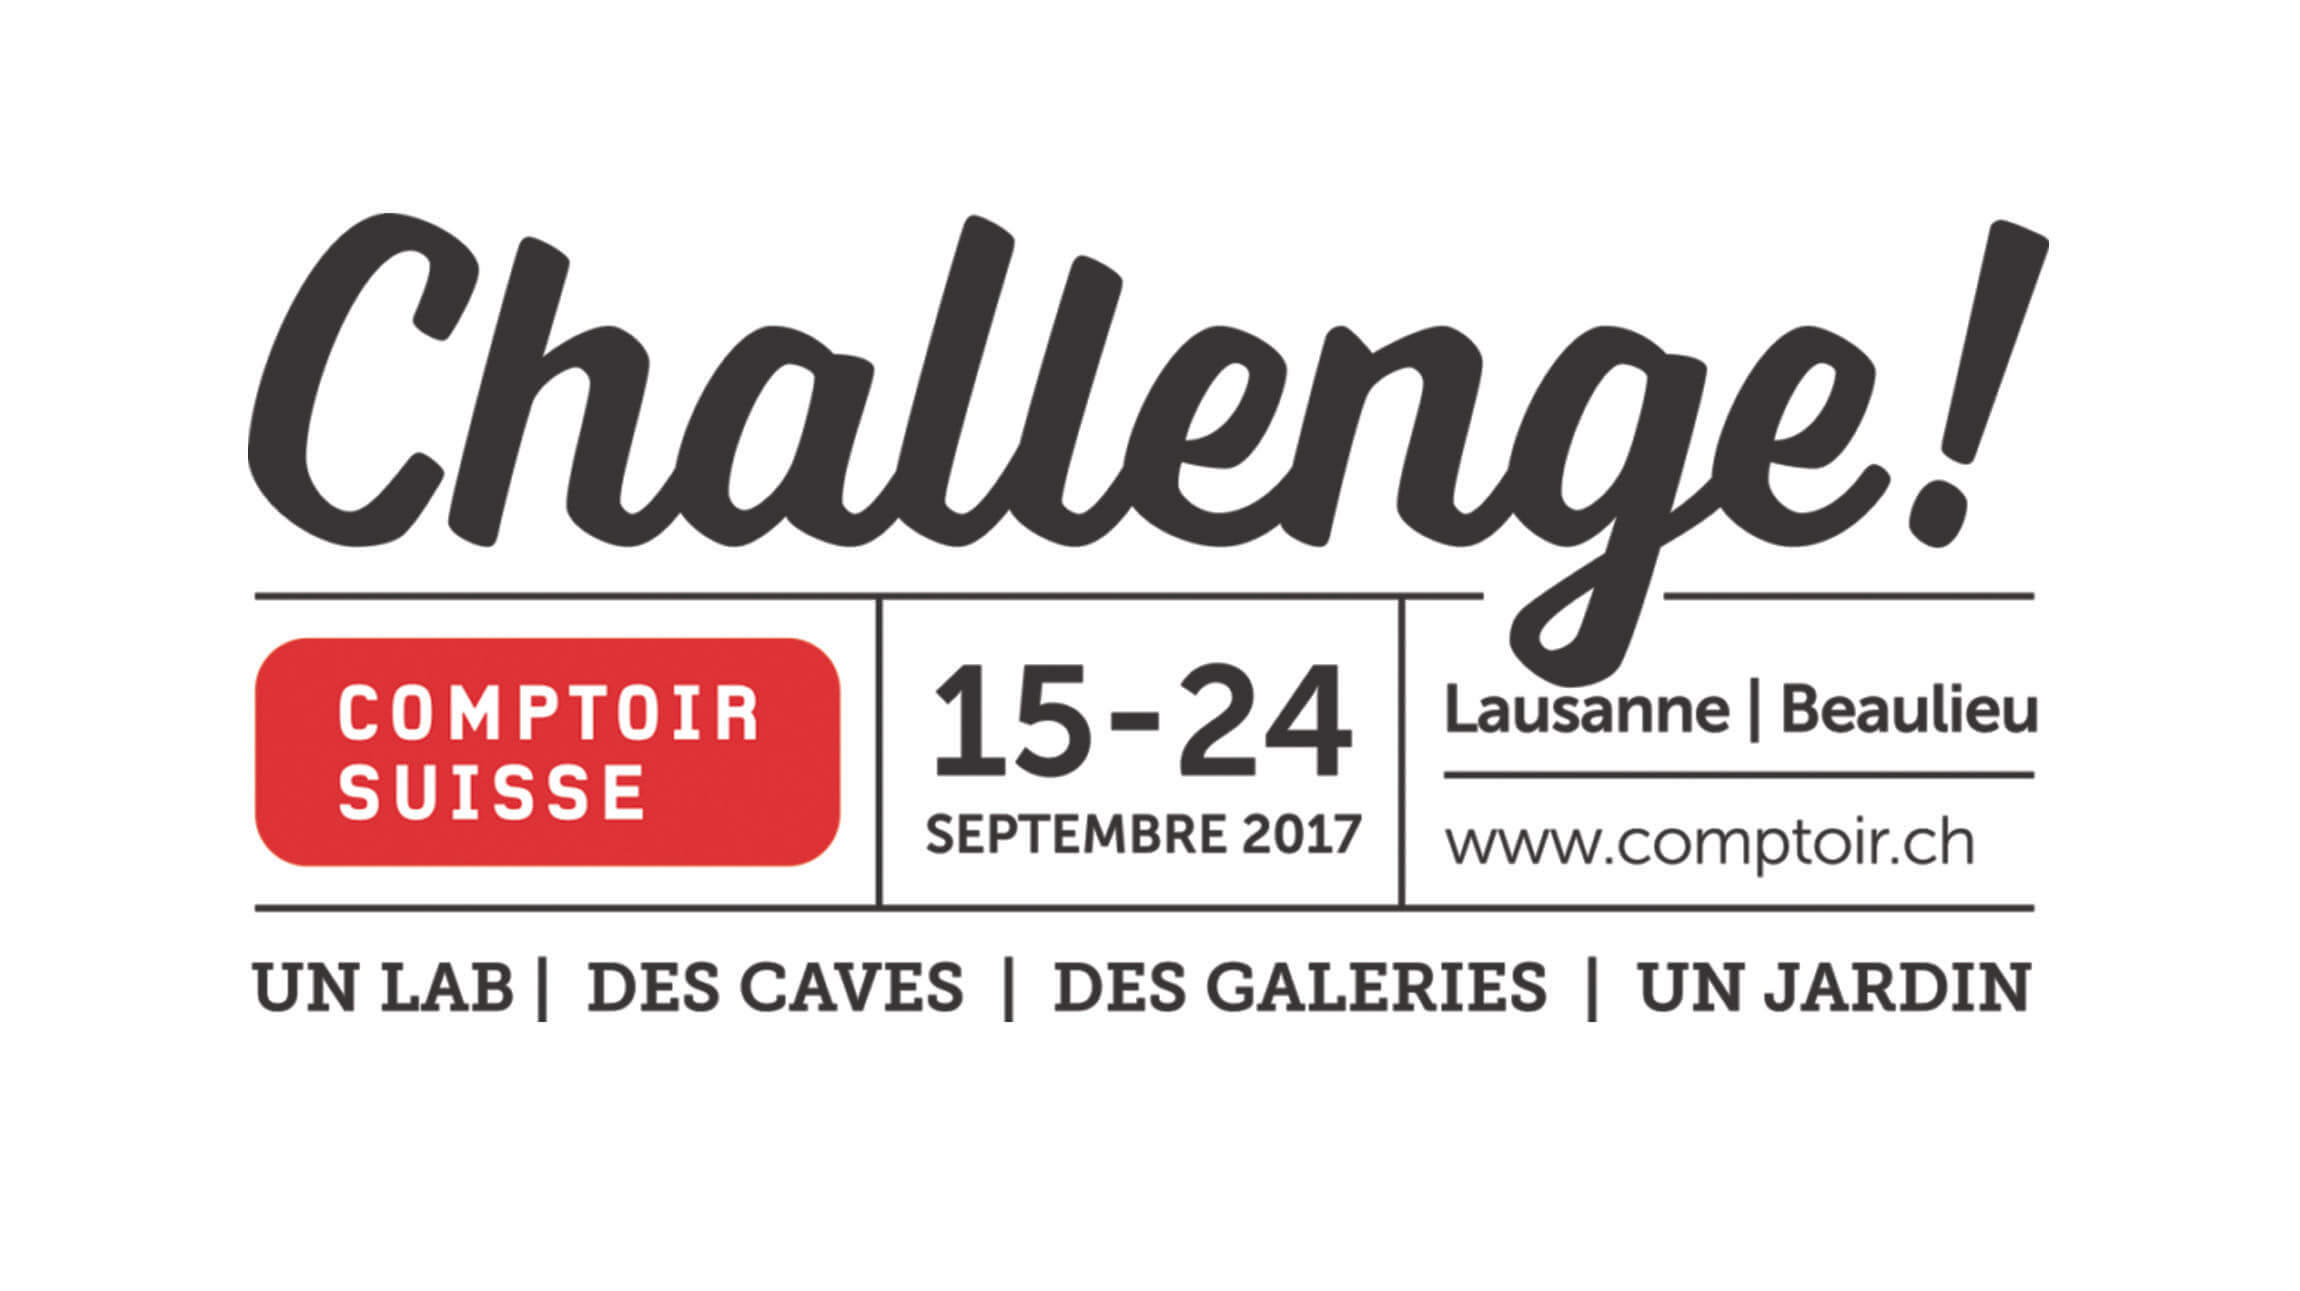 Challenge @ Comptoir Suisse 2017